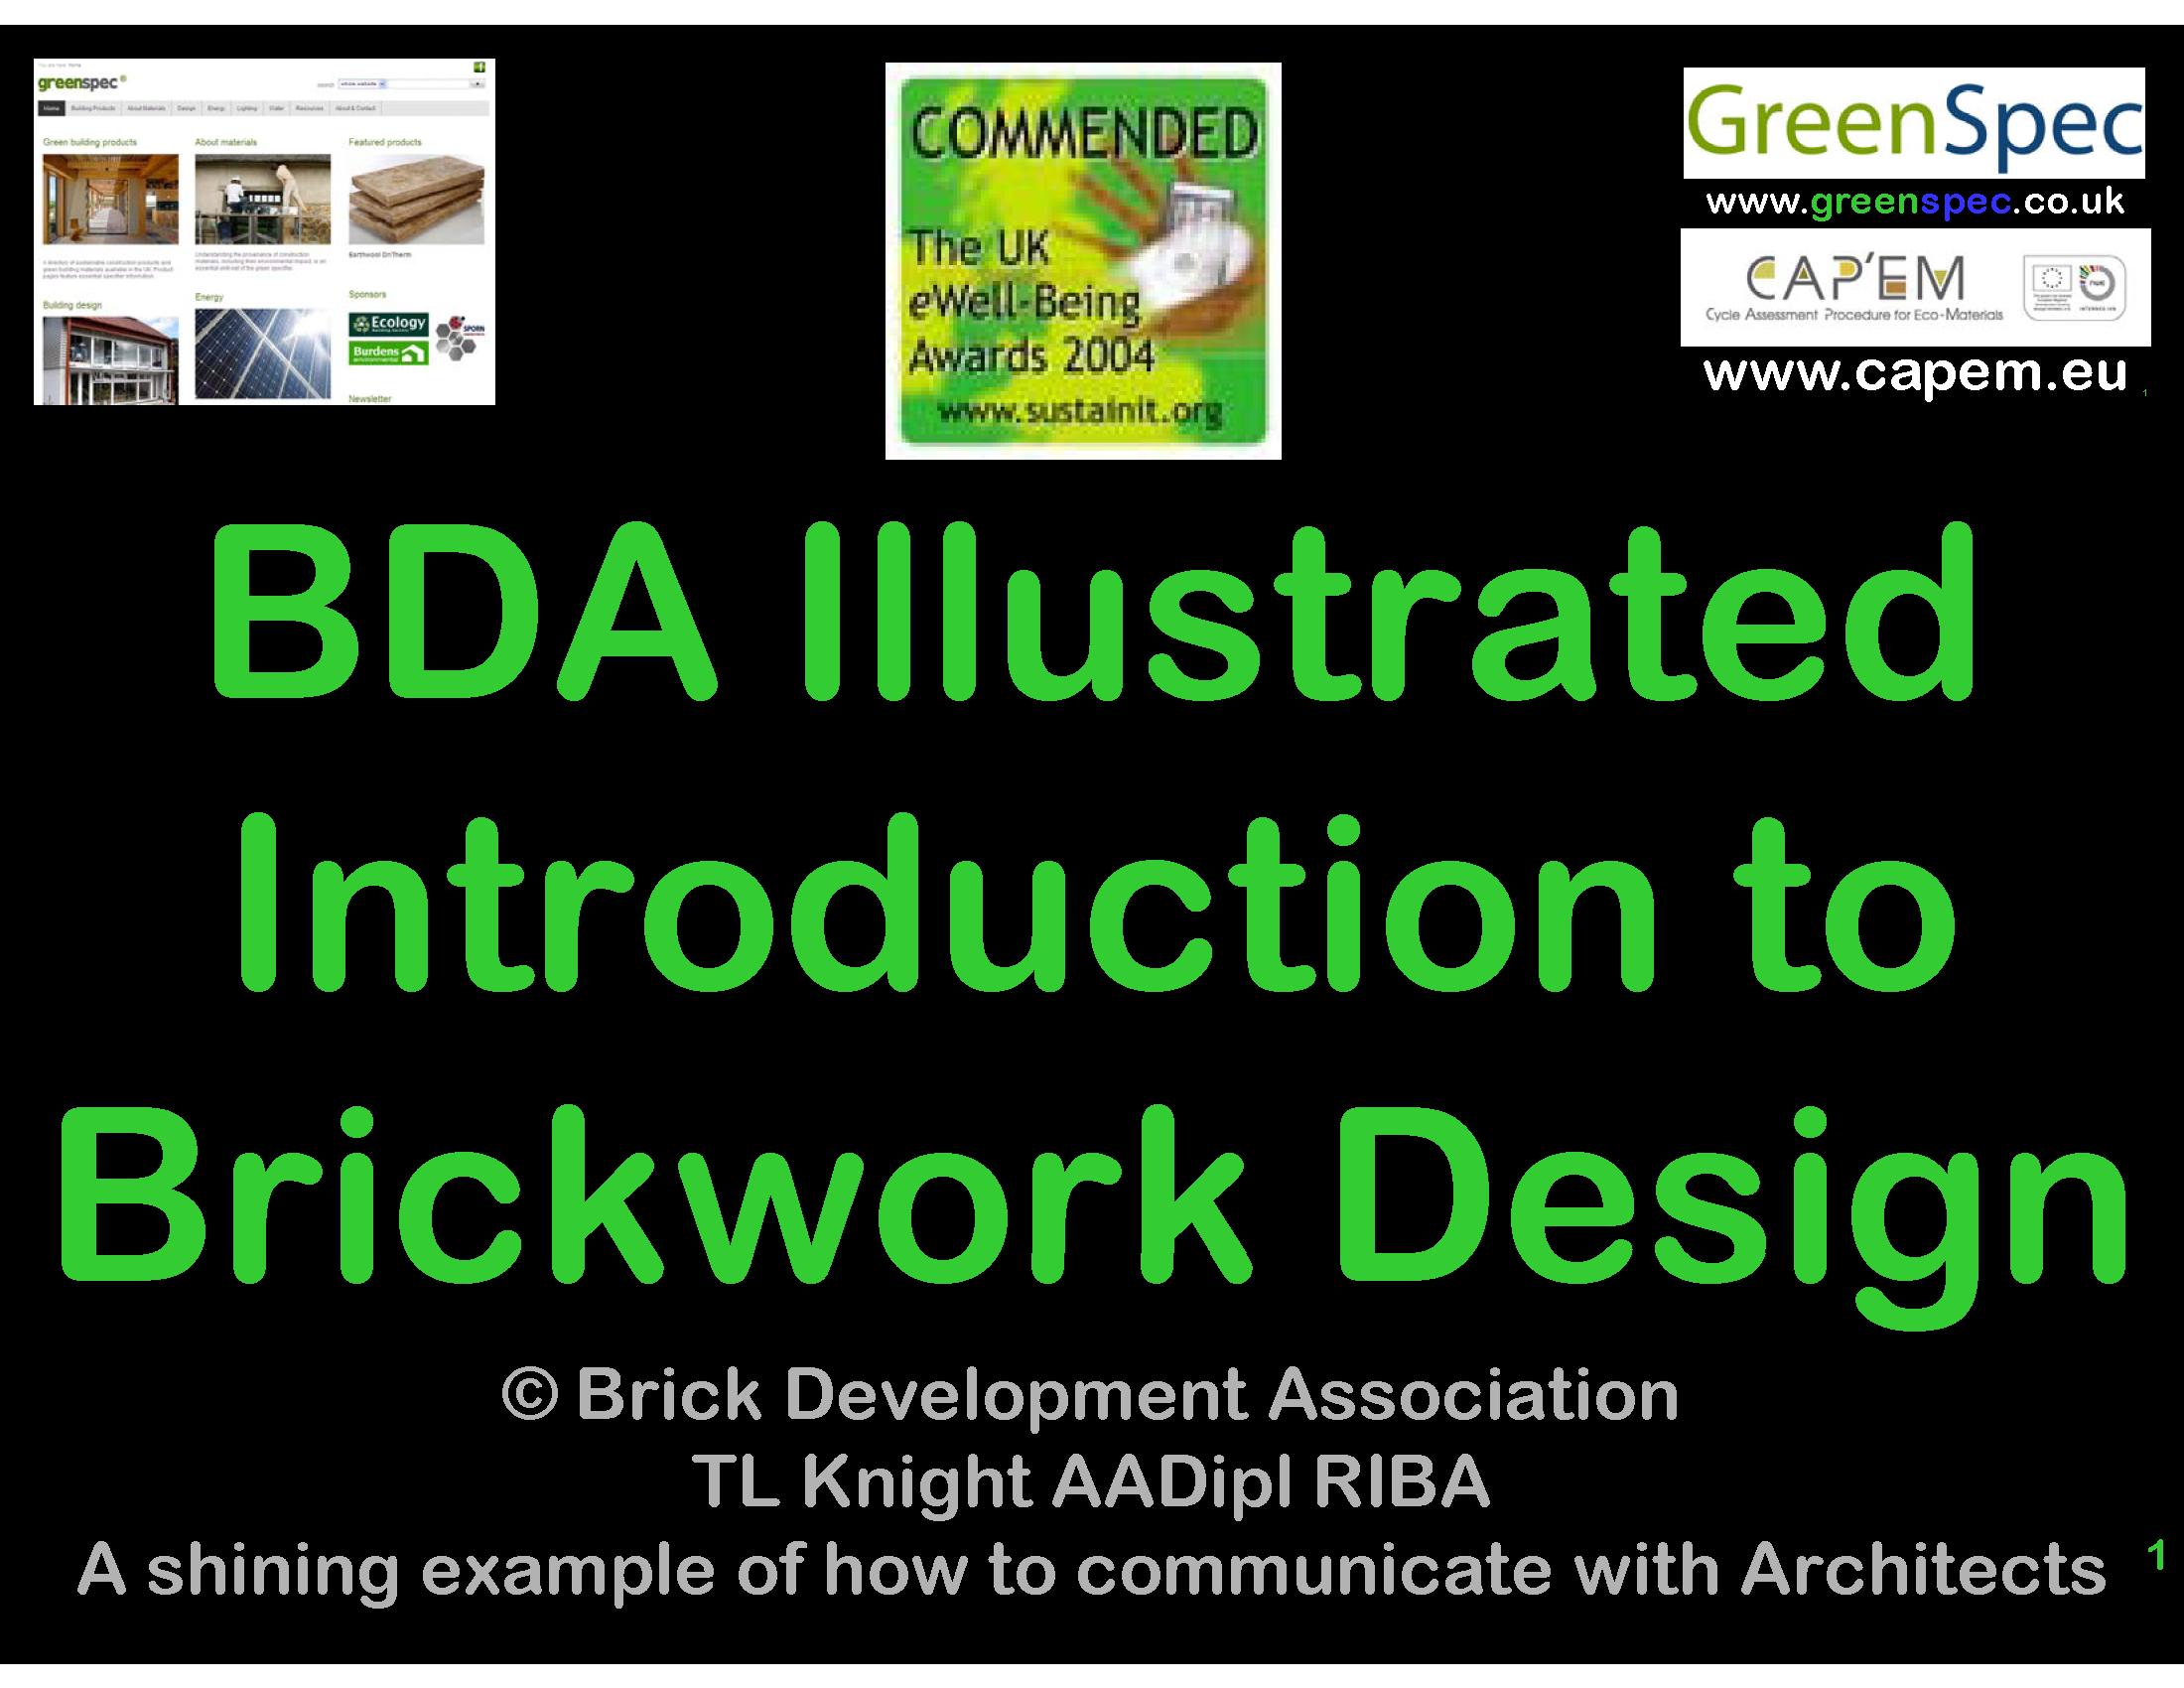 Book_BDA_Illustrated_Guide_to_Brickwork_Design.png